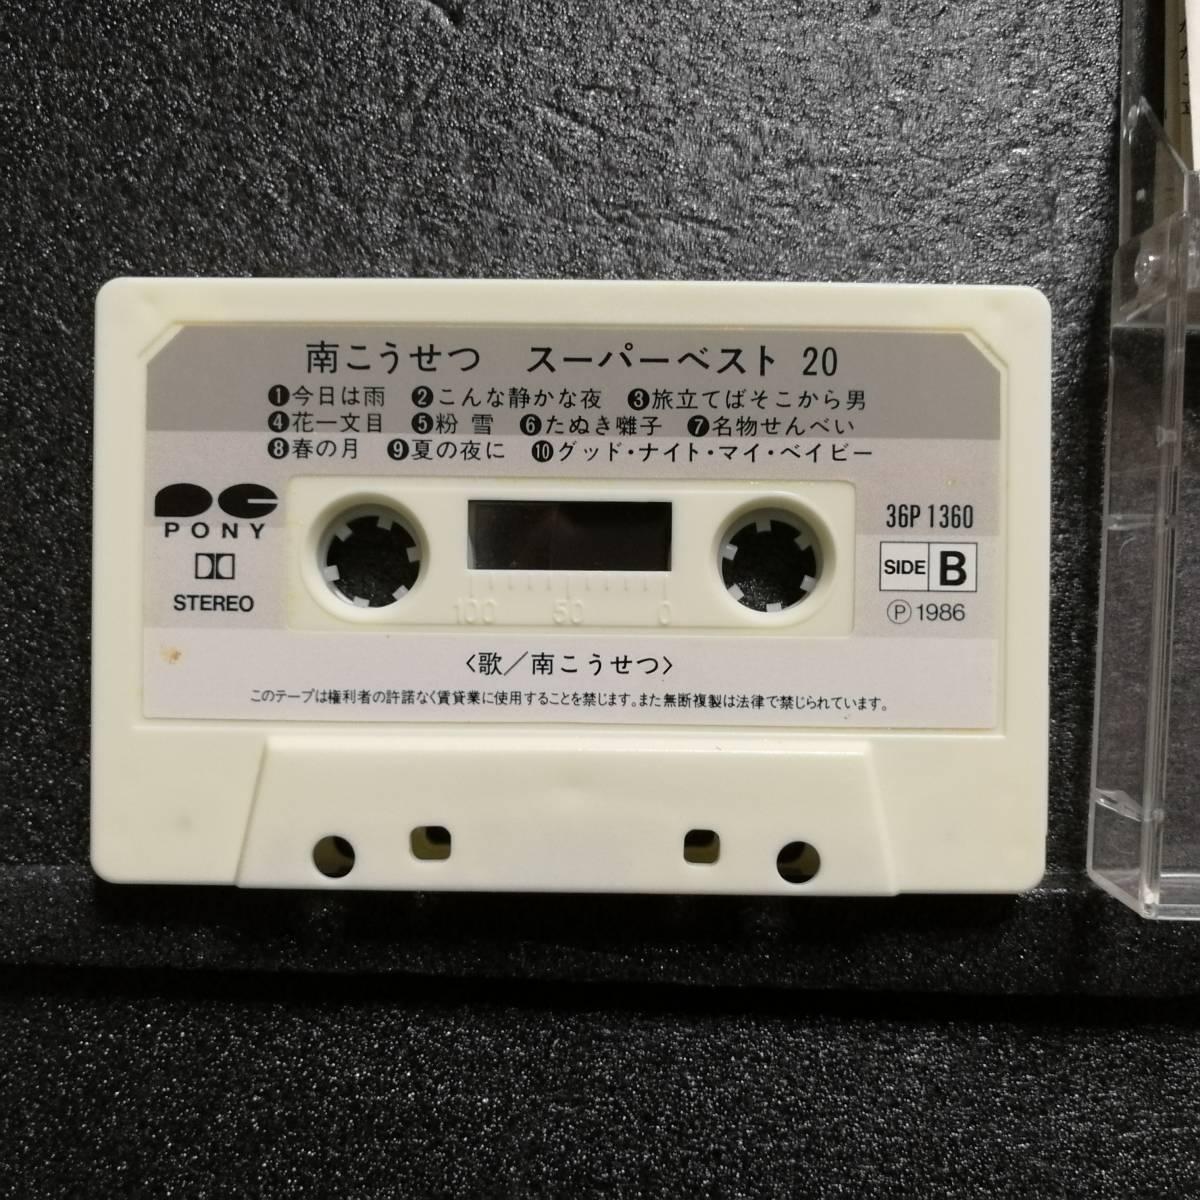 カセットテープ 南こうせつ スーパーベスト 20_画像2